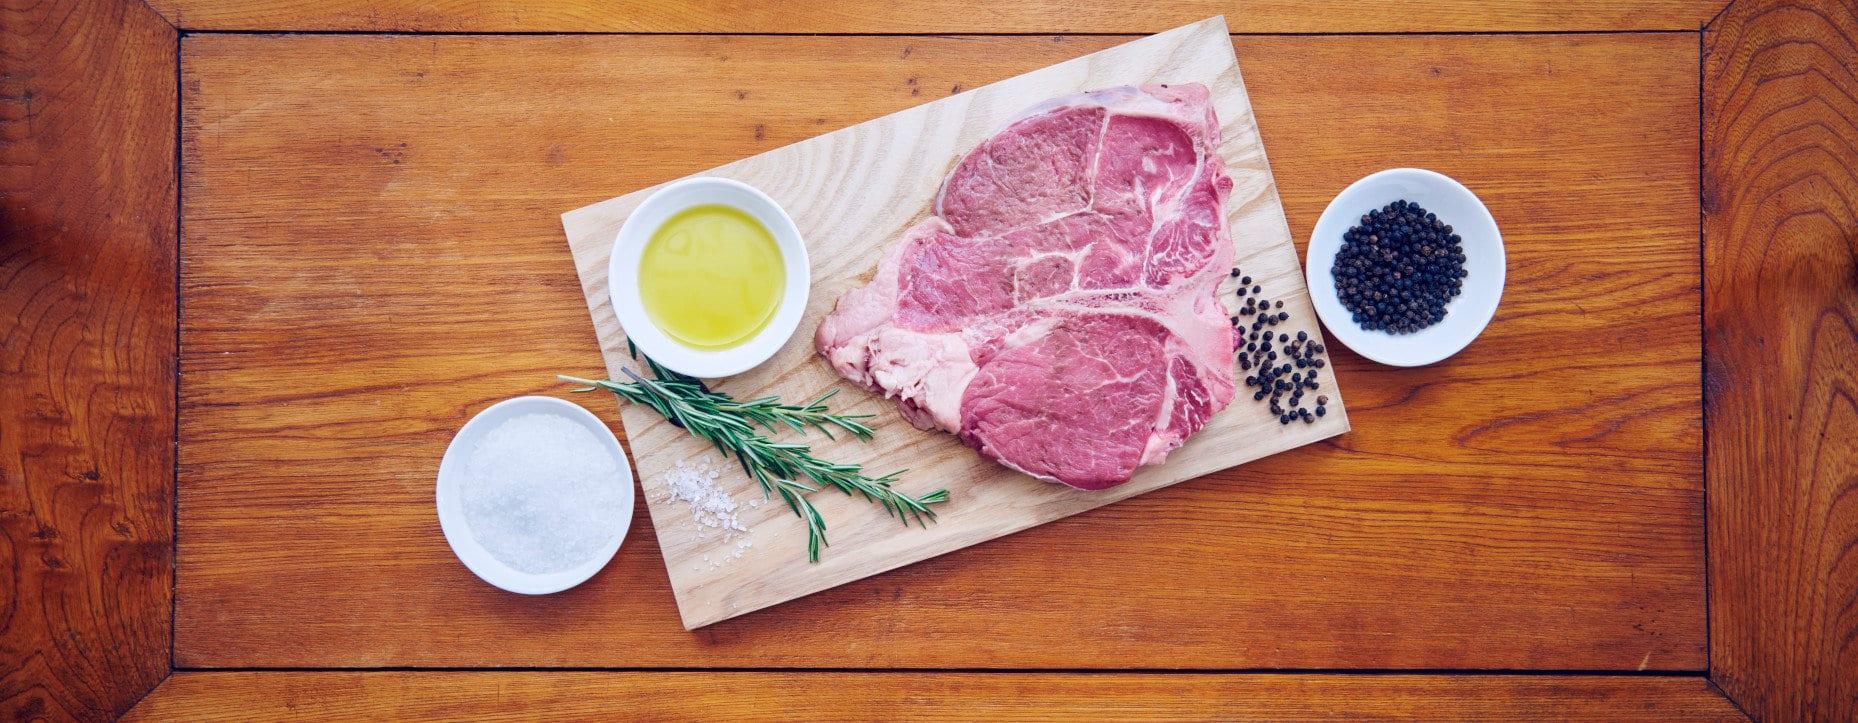 Alle Zutaten bereitstellen. - Fleisch ca. eine Stunde vor der Zubereitung aus dem Kühlschrank nehmen. Auf sehr heissem Grill gleichmässig anbraten.